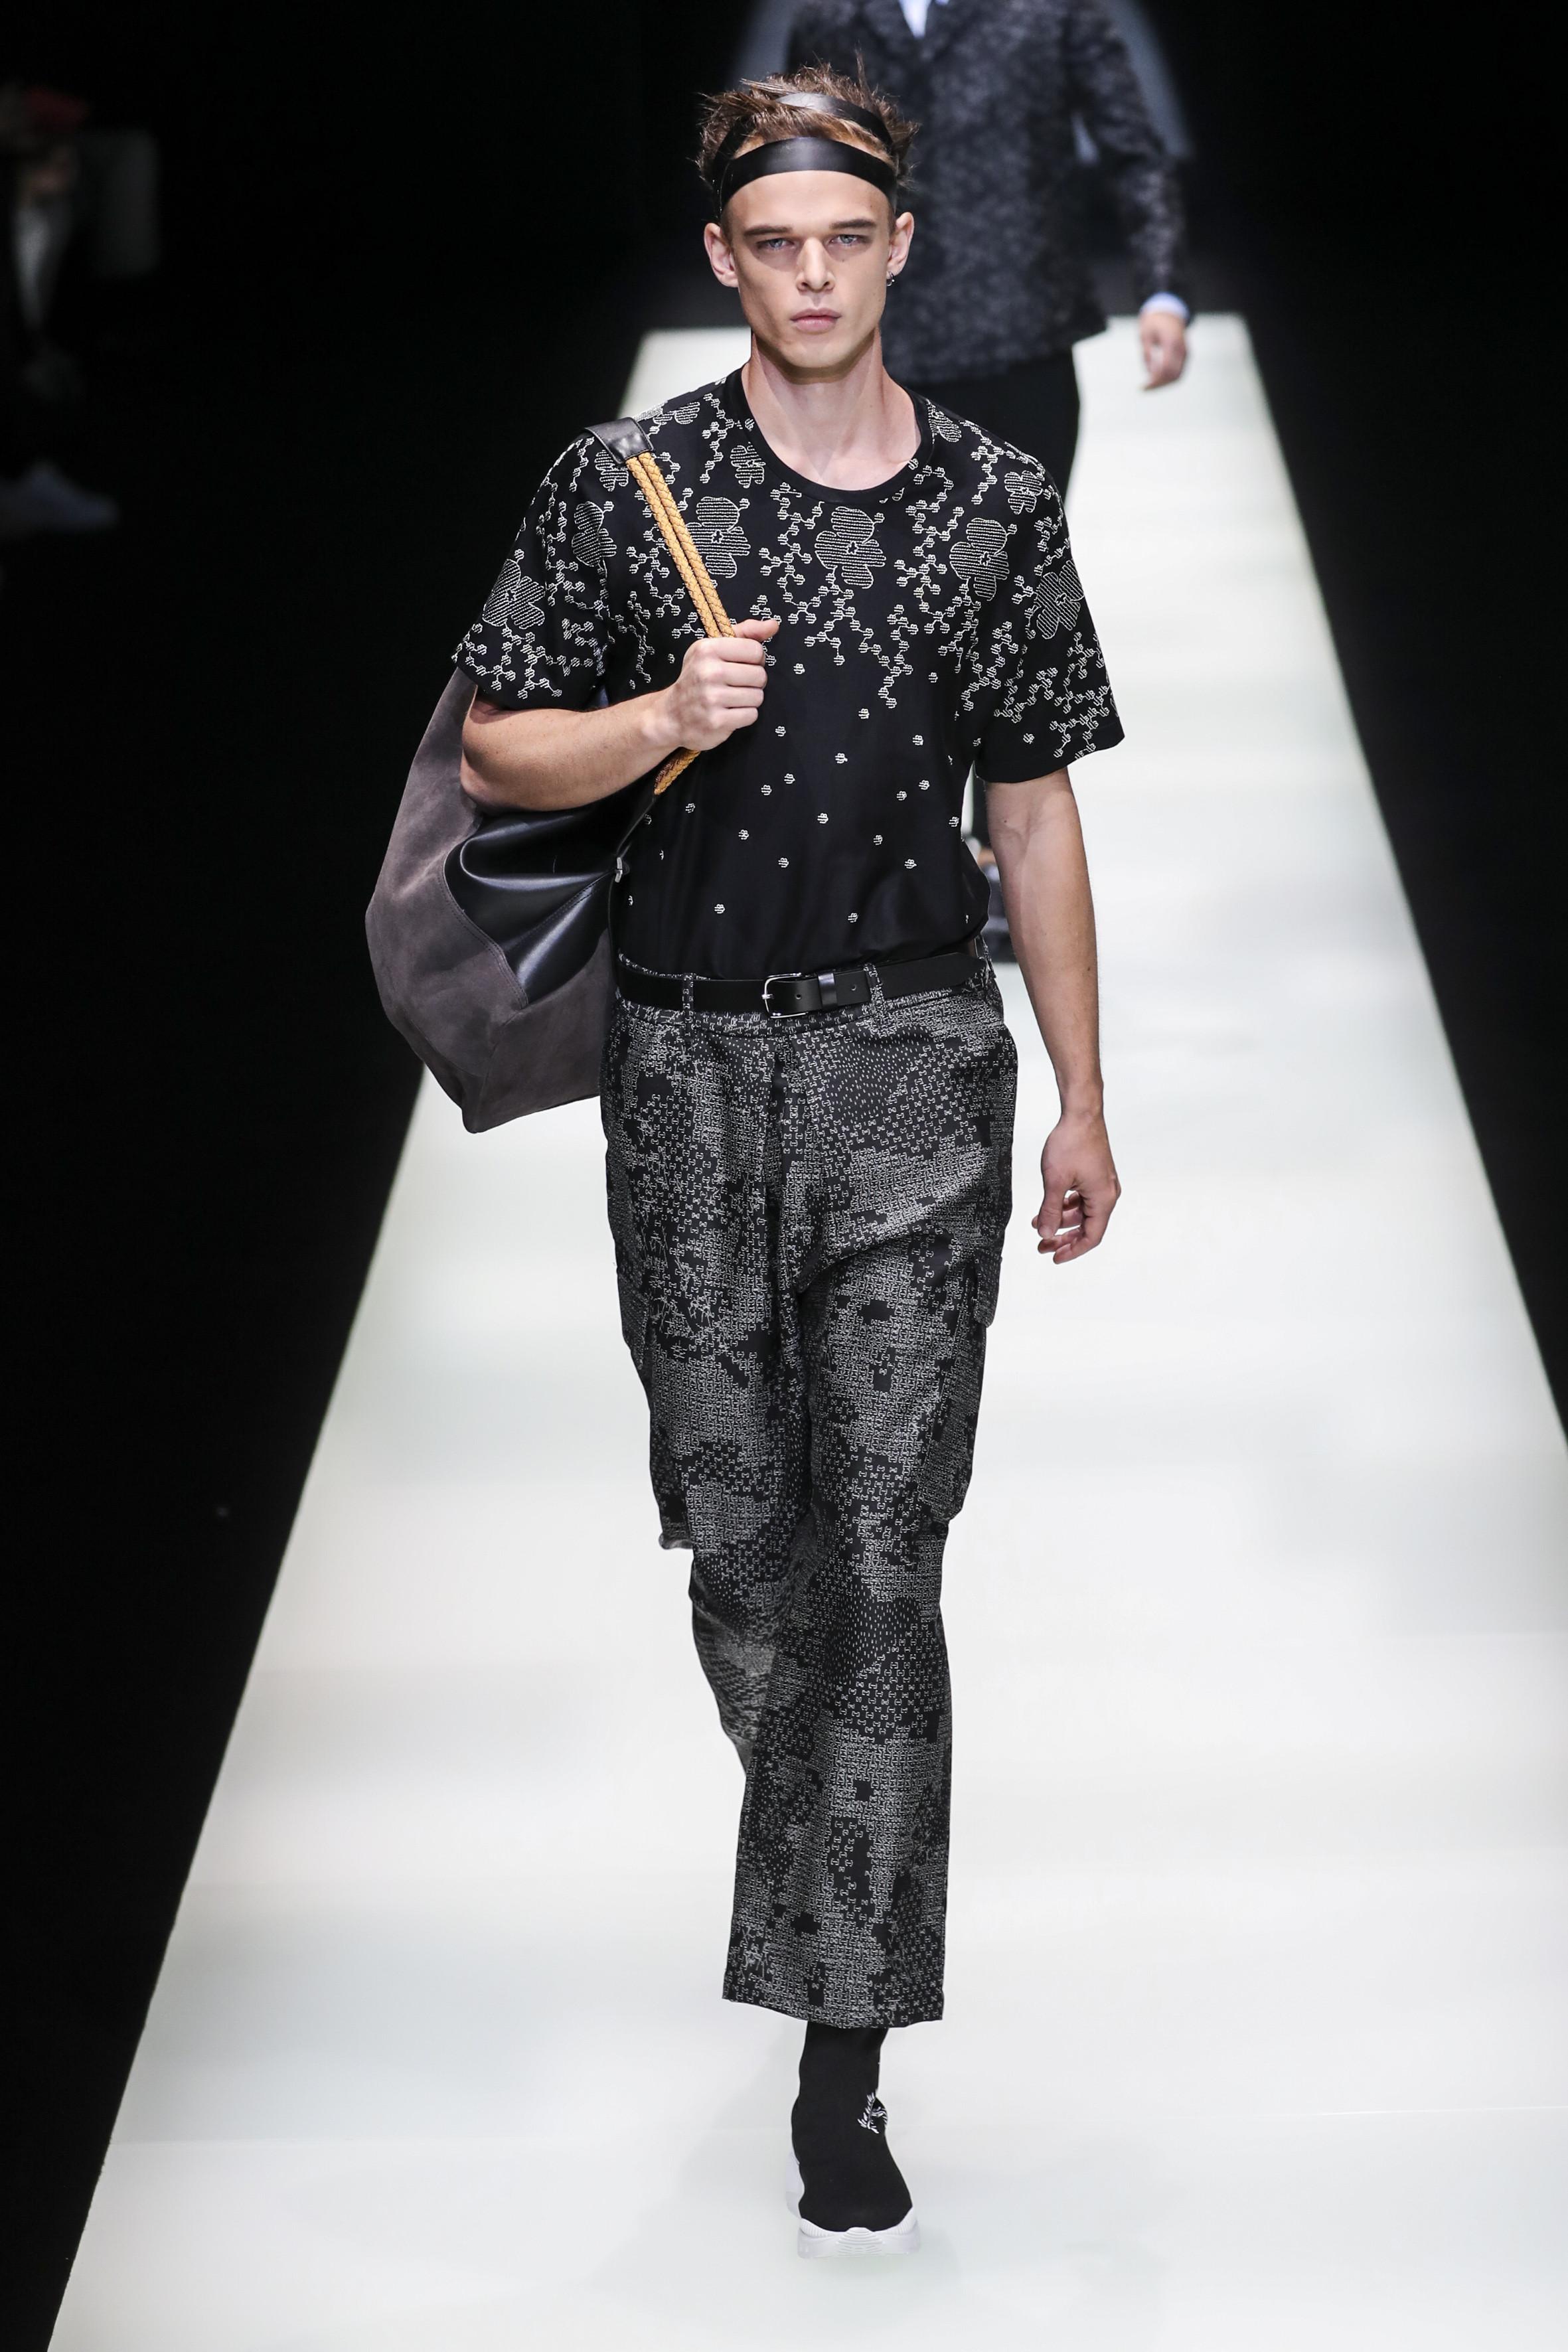 Milan Men's Fashion Week: Edles Schwarz mit eleganten Mustern in der Show von Emporio Armani